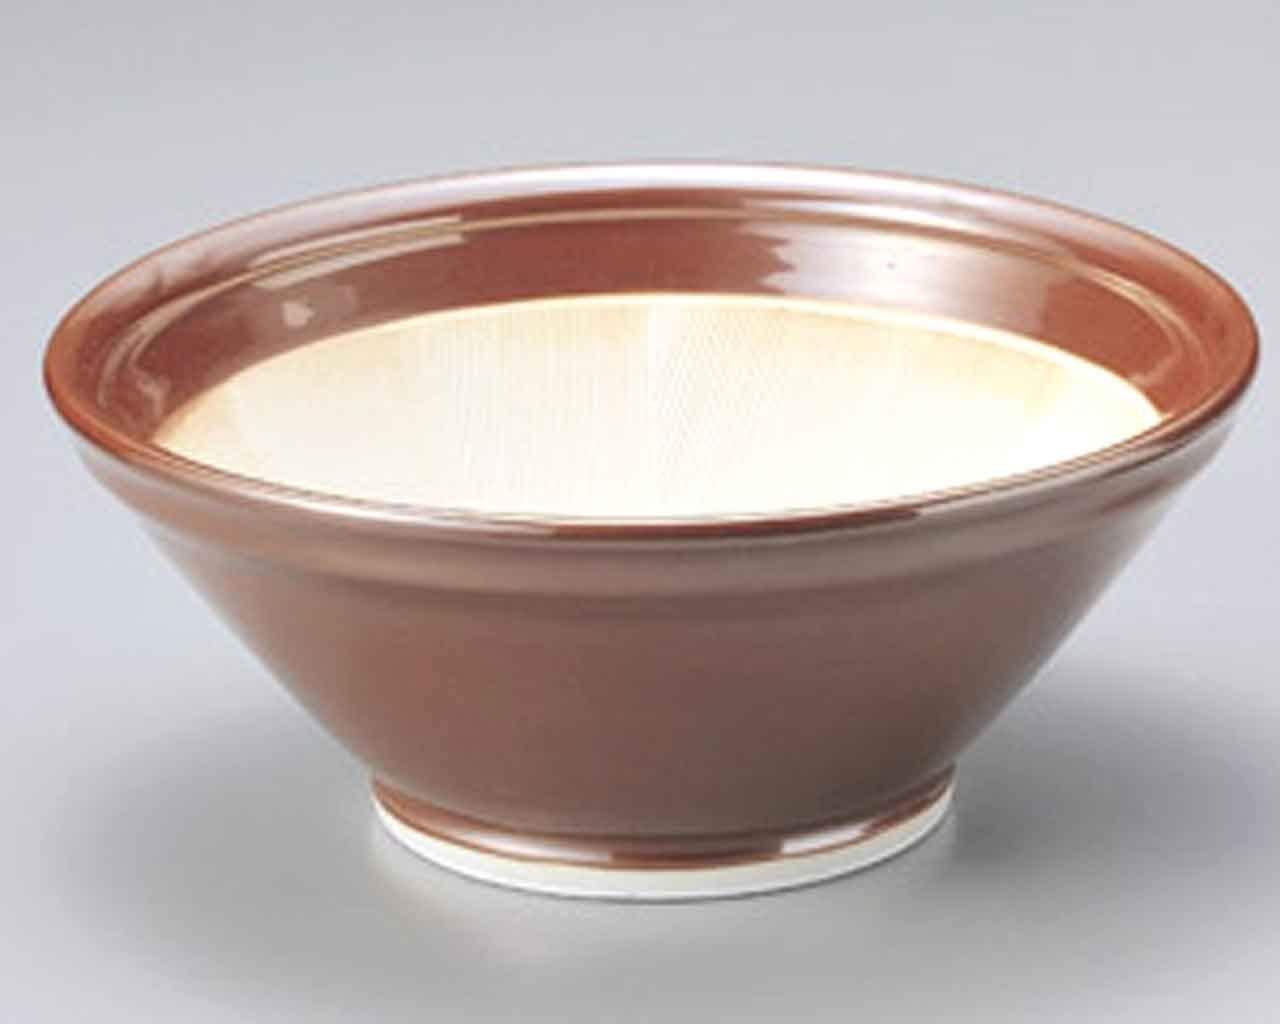 Kessho 4.6inch Mortar Black Ceramic Made in Japan